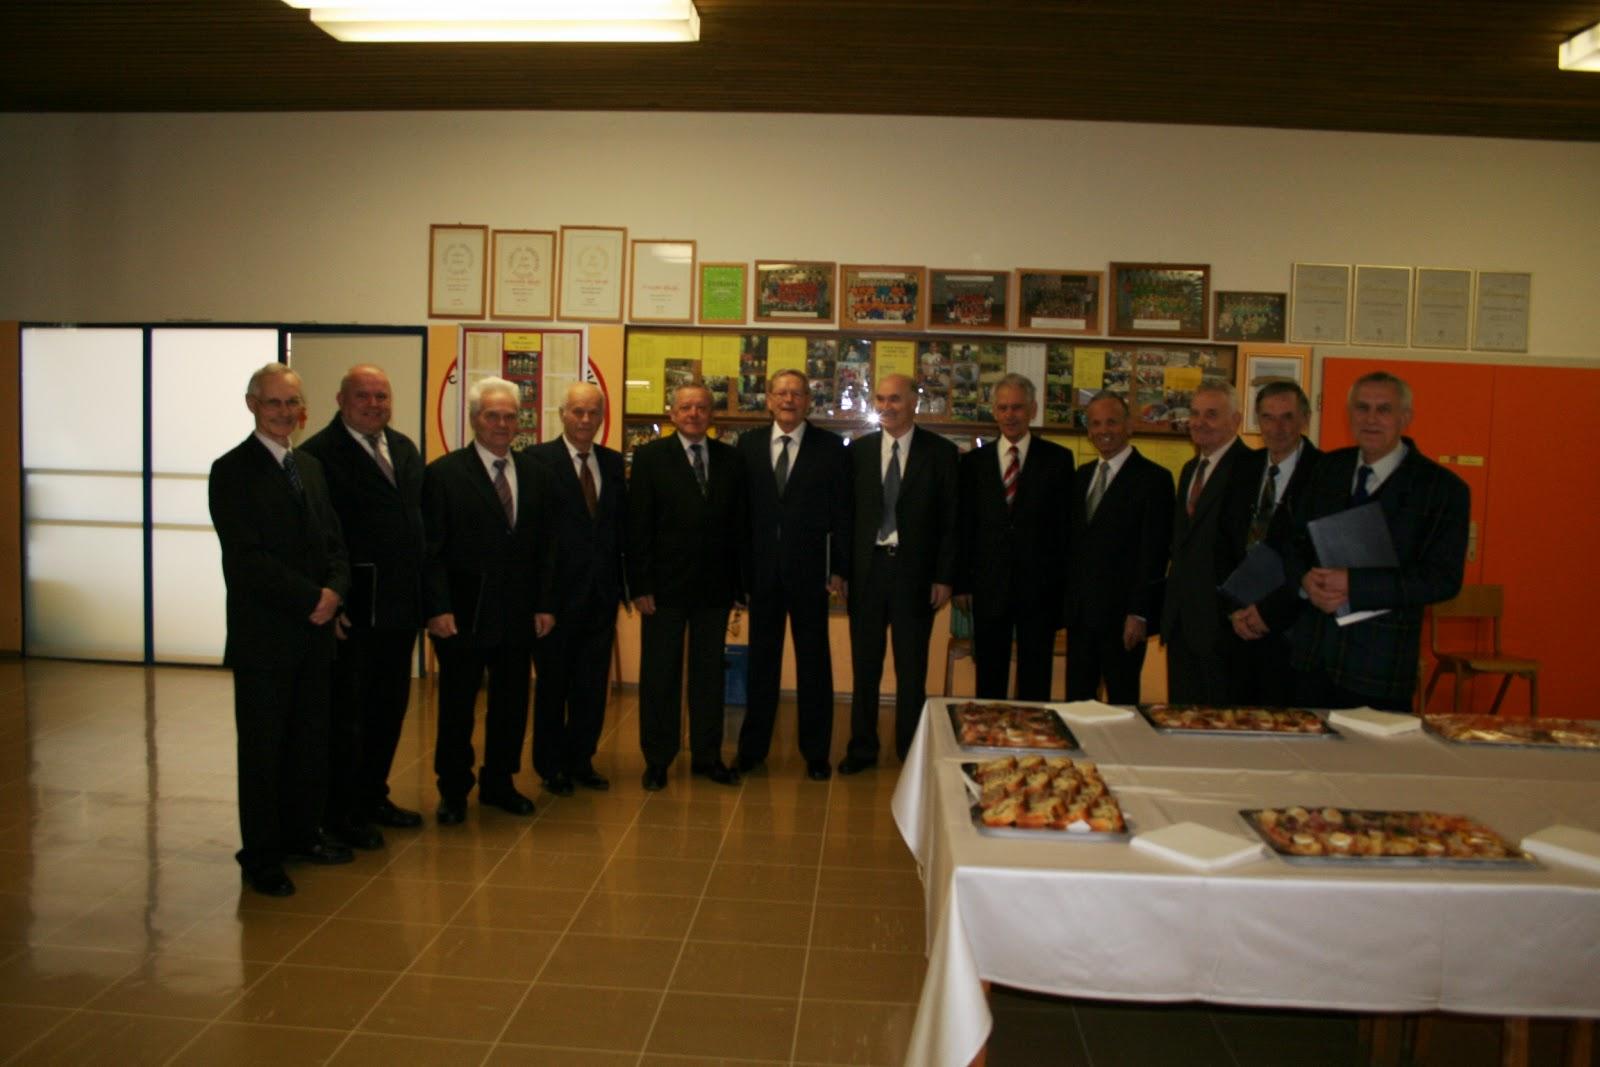 Občni zbor 2013 - IMG_8911.JPG